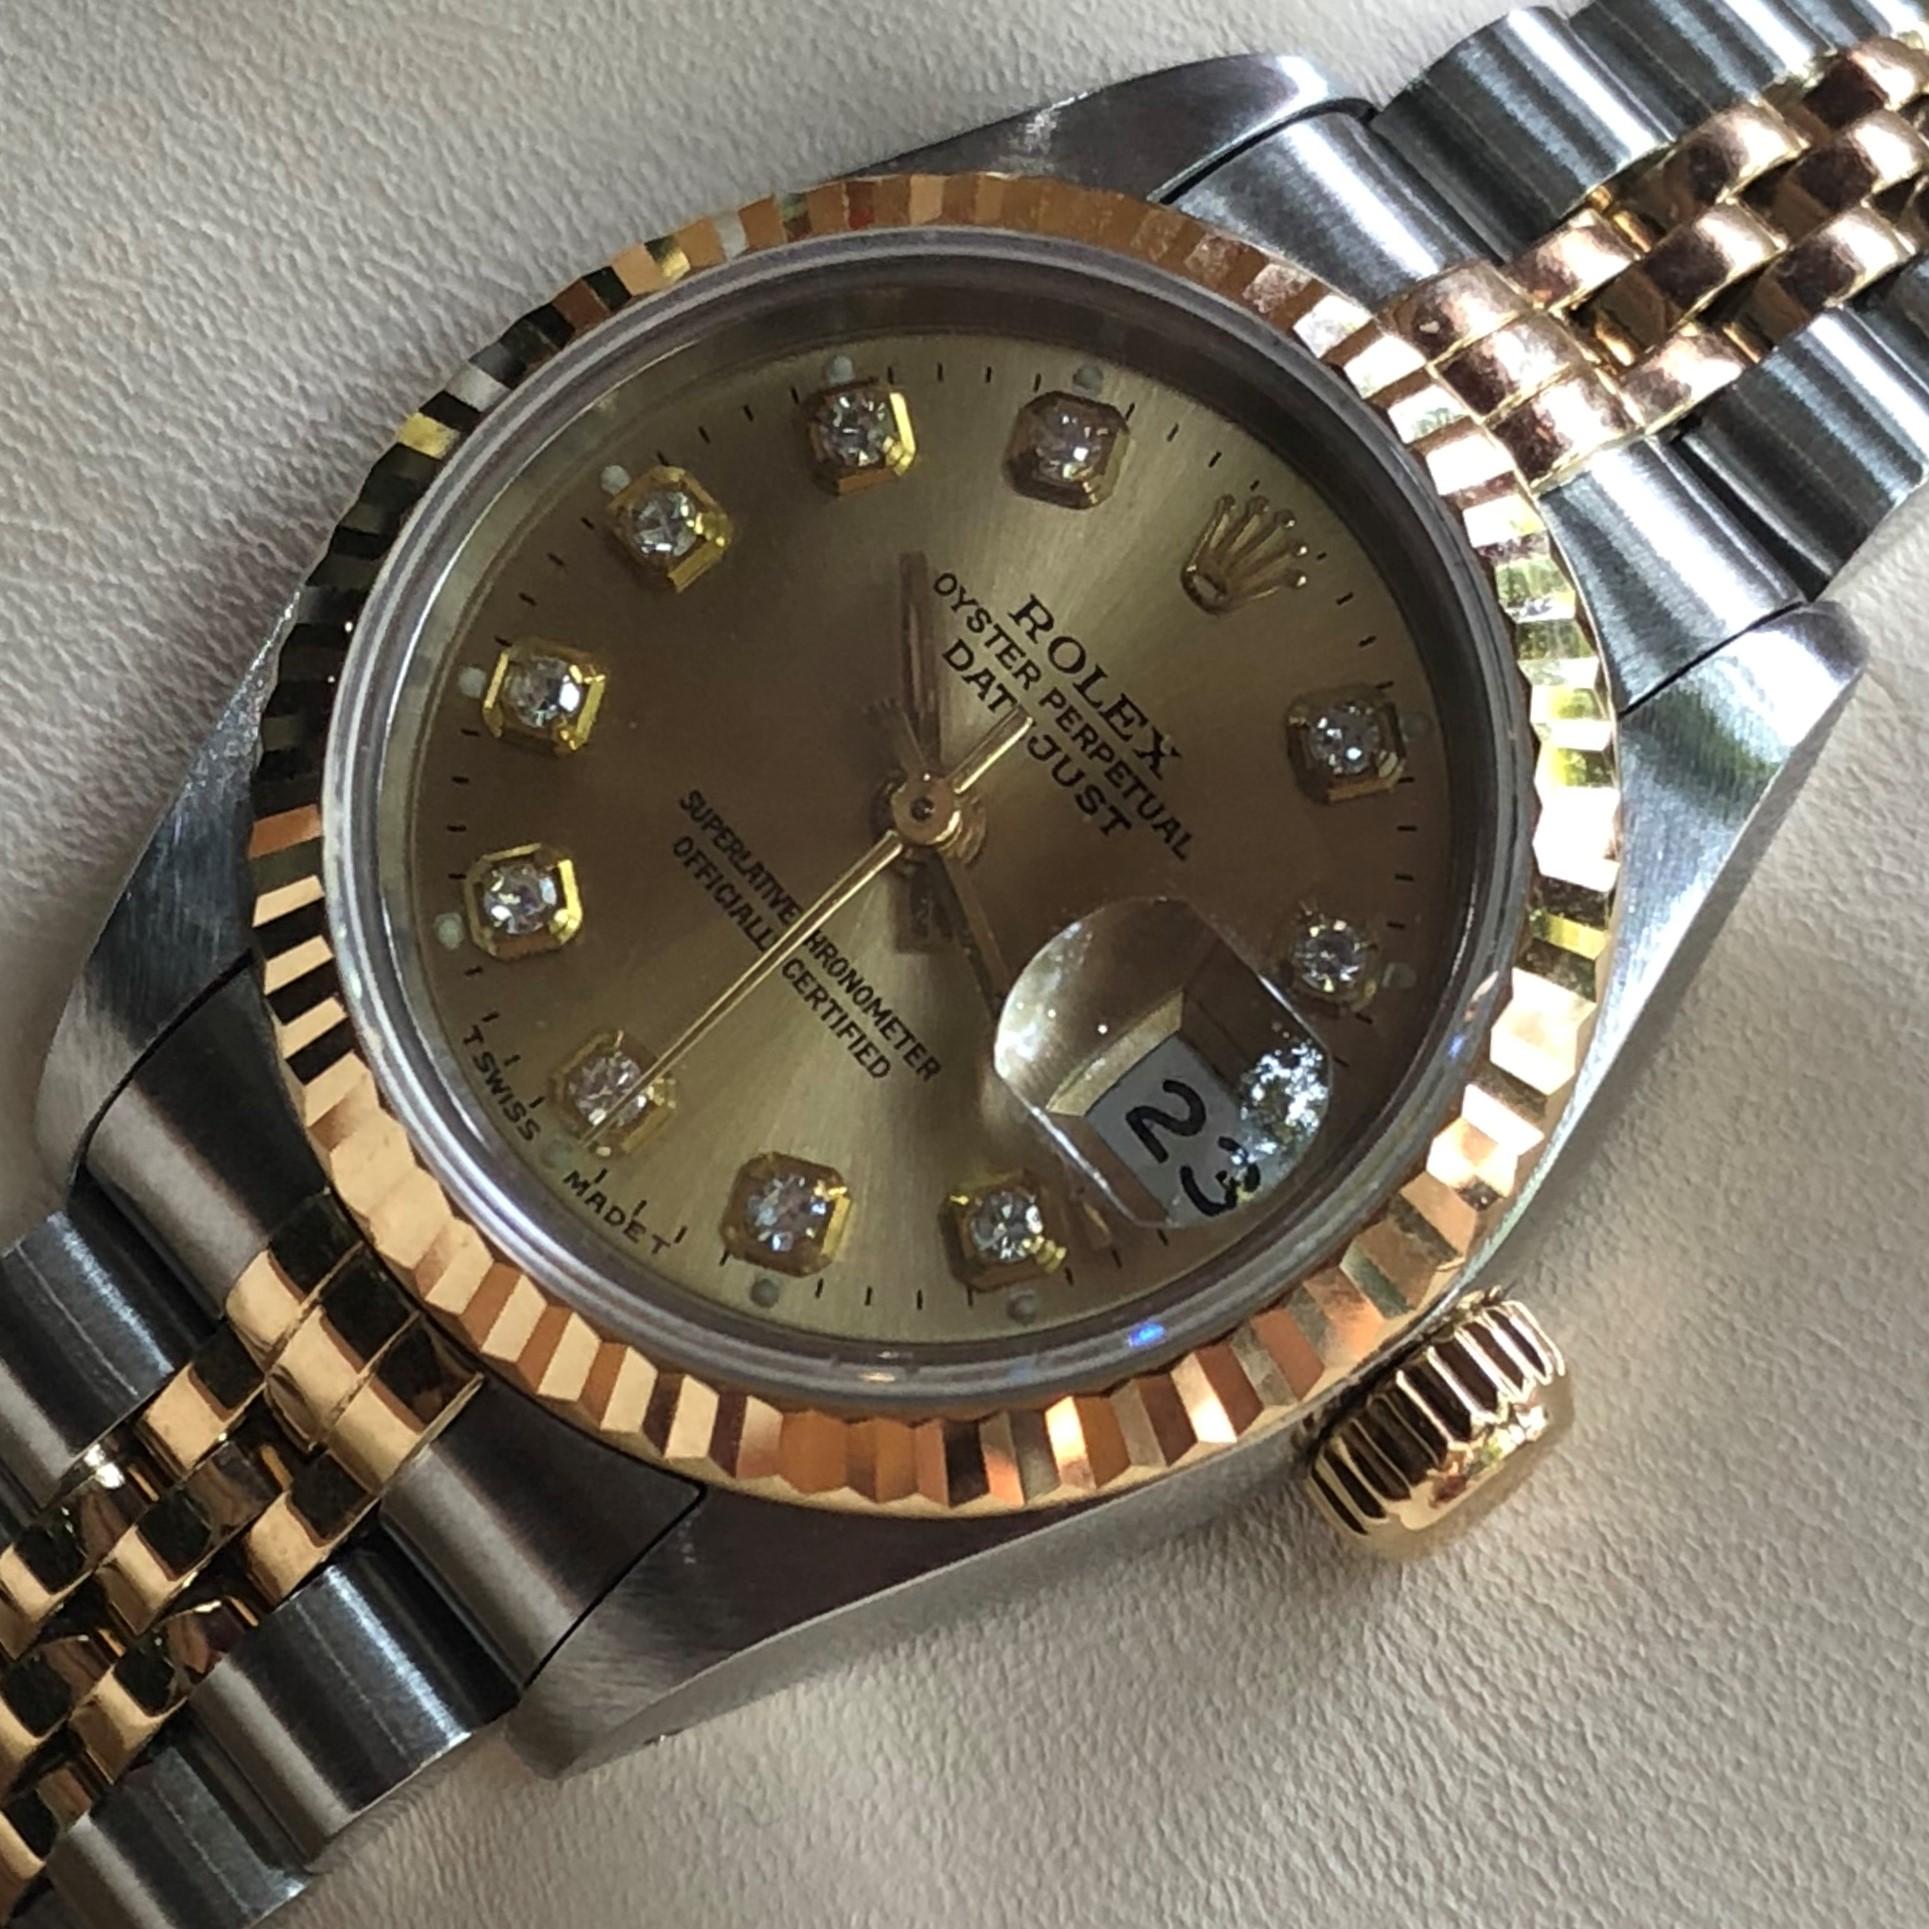 Rolex nữ 69173 mặt vàng tia demi vàng 18k size 26mm đời 96/97